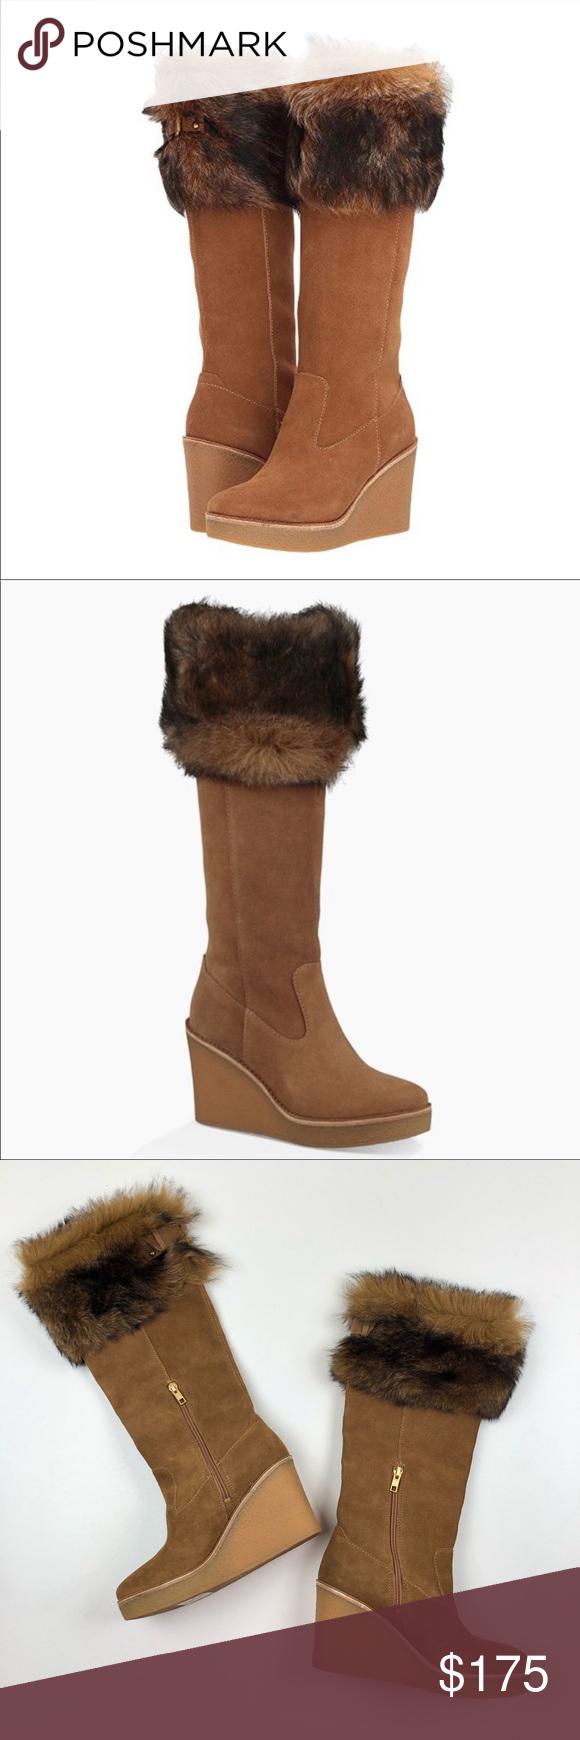 NEW UGG Valberg Suede Fur Wedge Knee